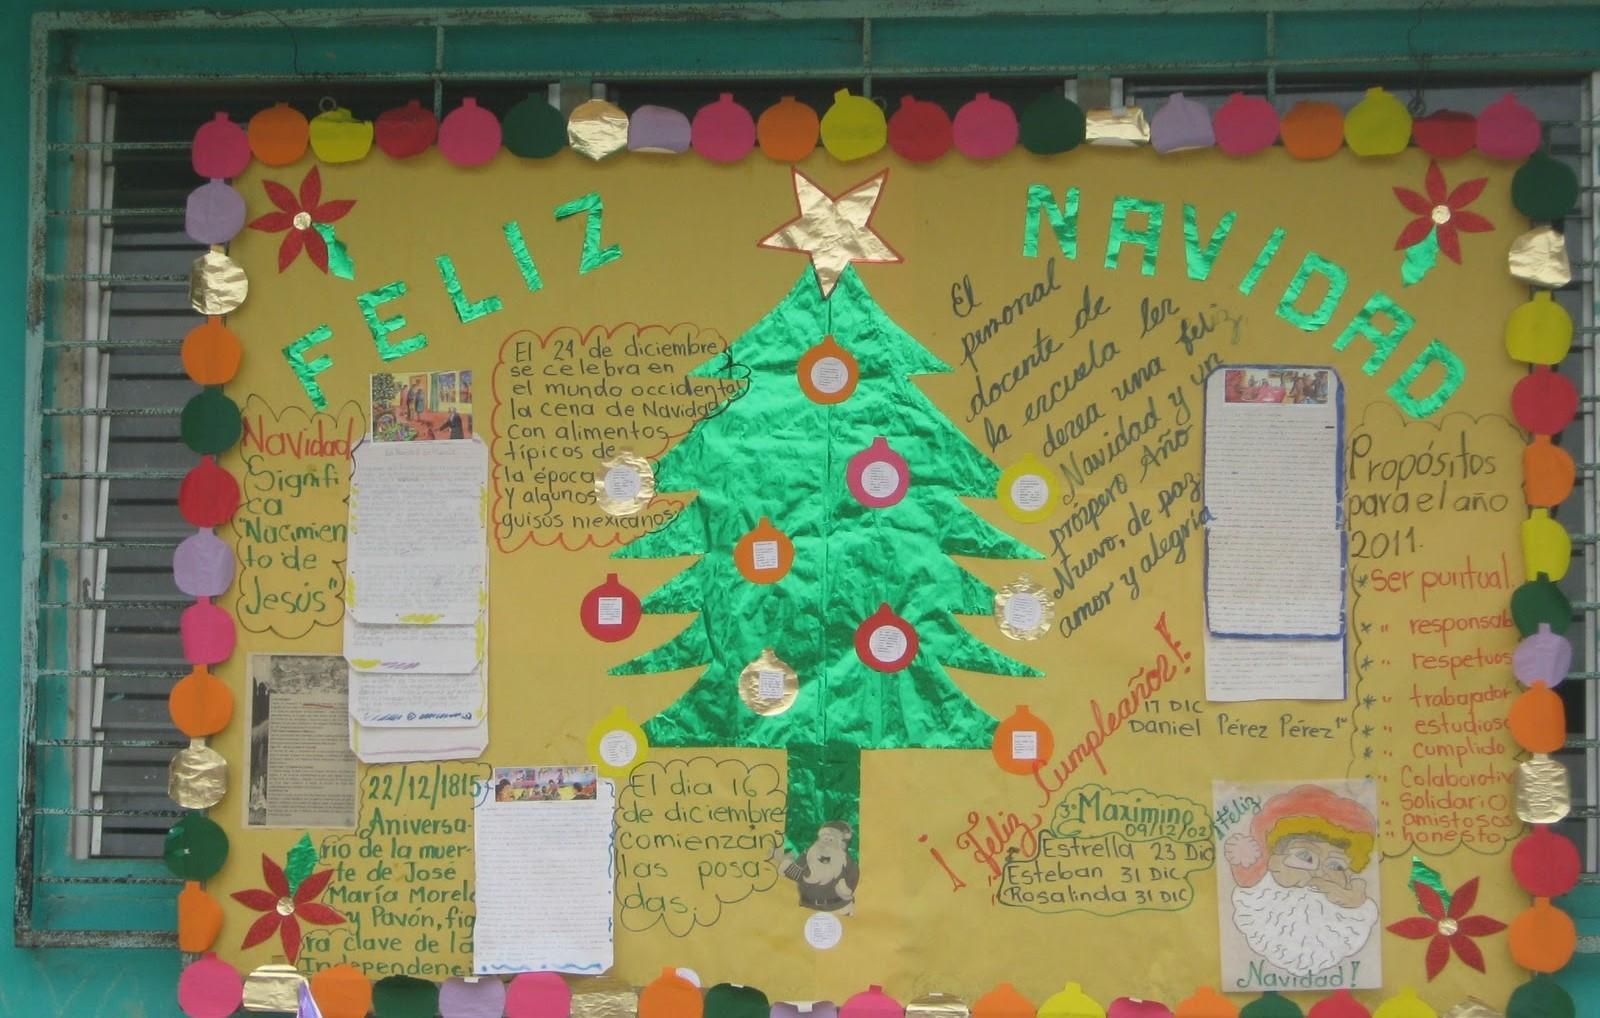 Periodico mural diciembre 11 imagenes educativas for Componentes de un periodico mural